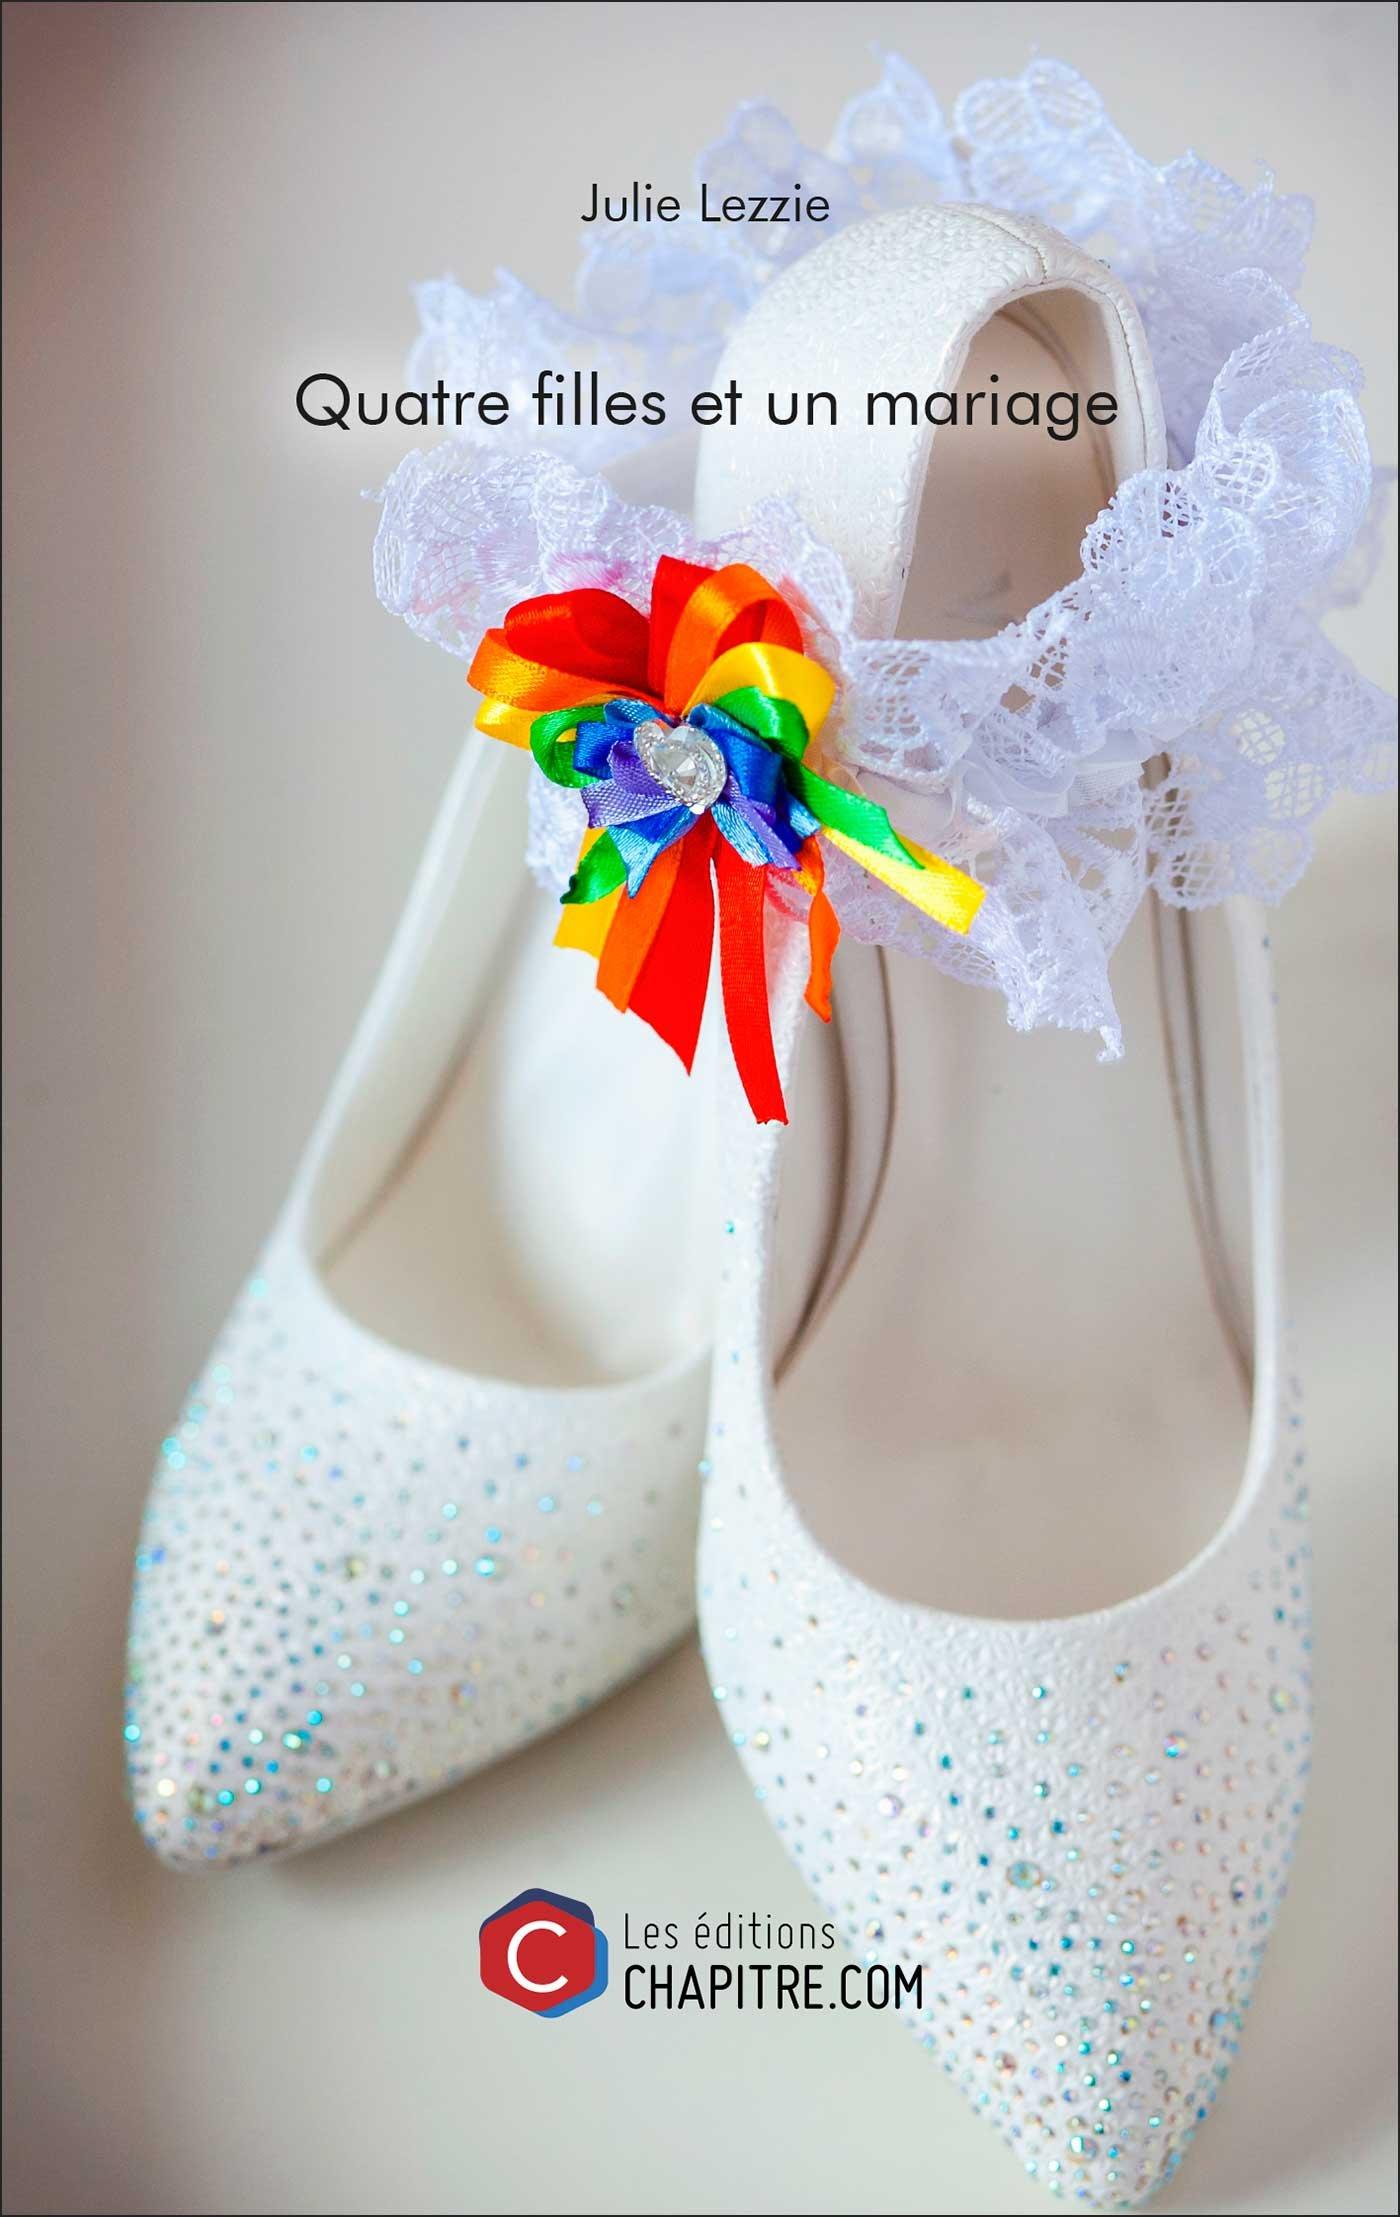 Quatre filles et un mariage (Julie Lezzie)